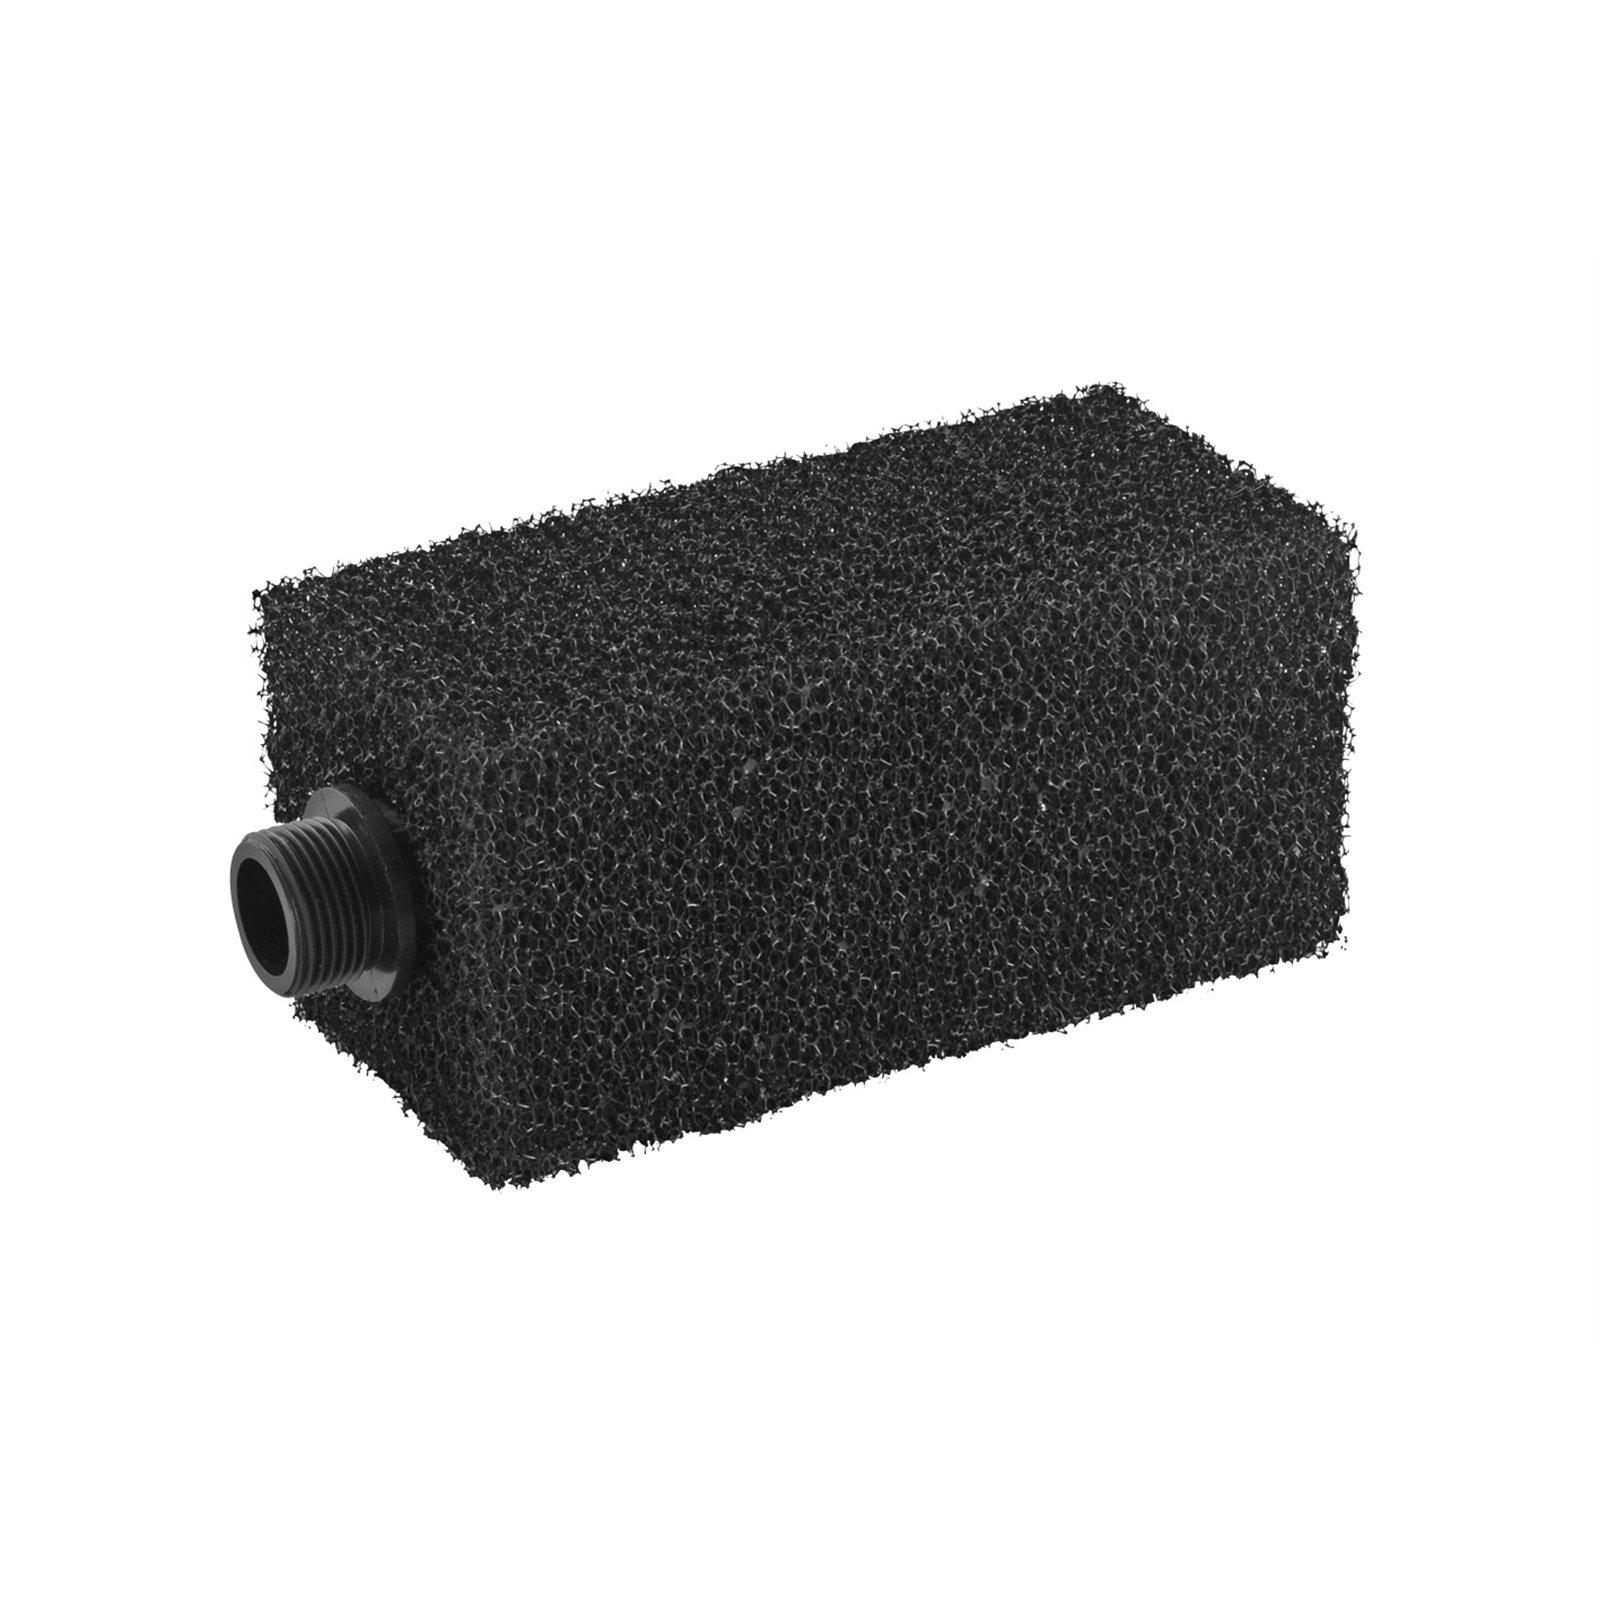 Aquapro 200 x 100 x 100mm Small Prefilter Sponge